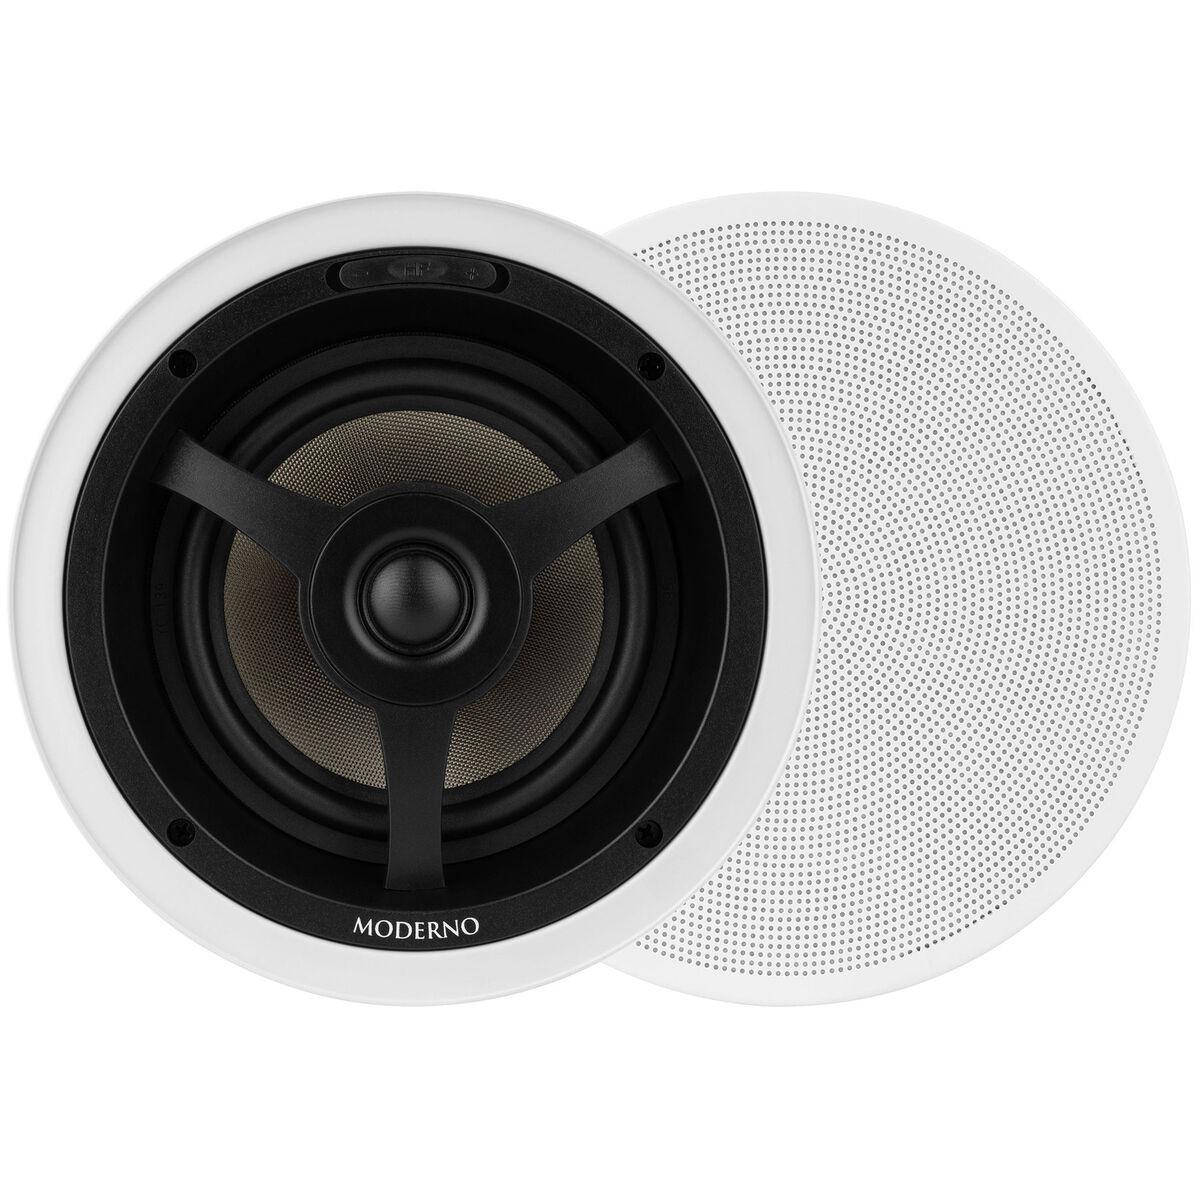 Moderno M6r In Ceiling Speaker Pair